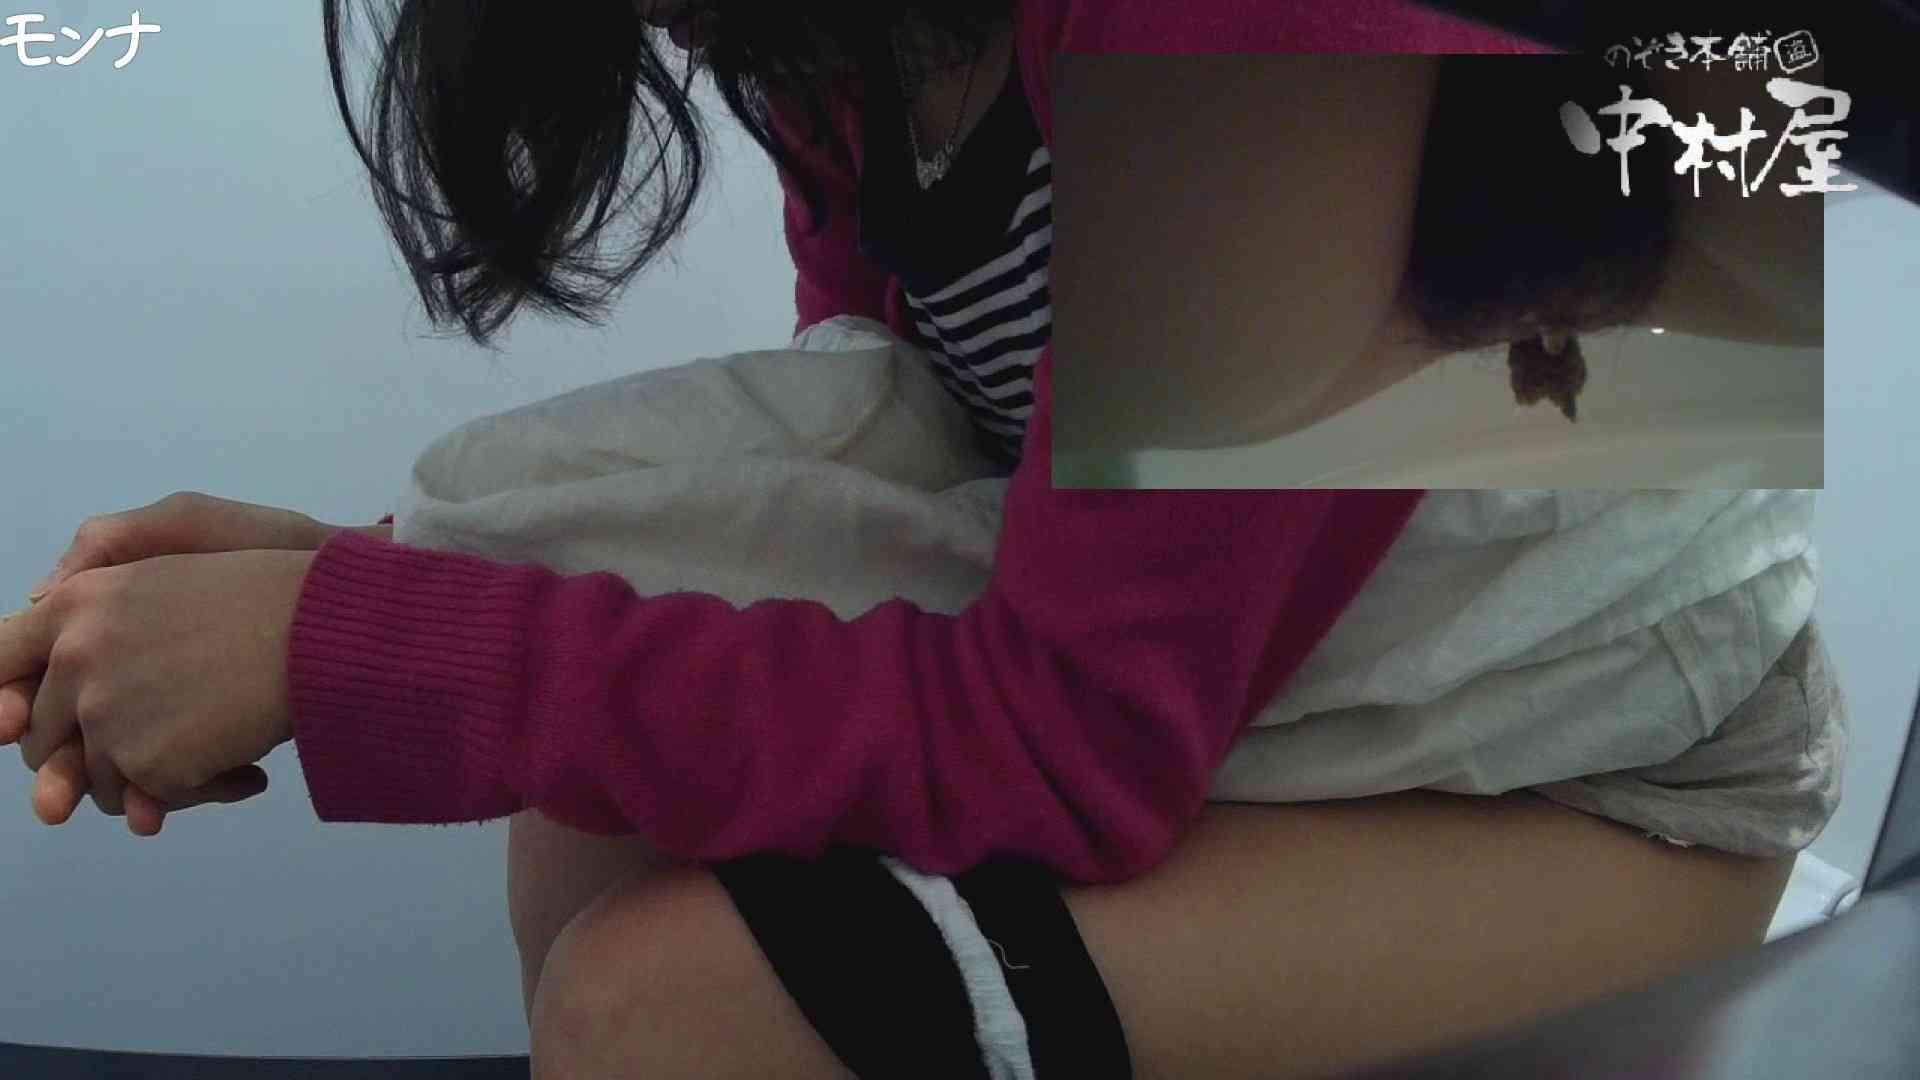 有名大学女性洗面所 vol.65 秘技!!マルチアングル天井撮り!! 和式 ぱこり動画紹介 106PIX 74